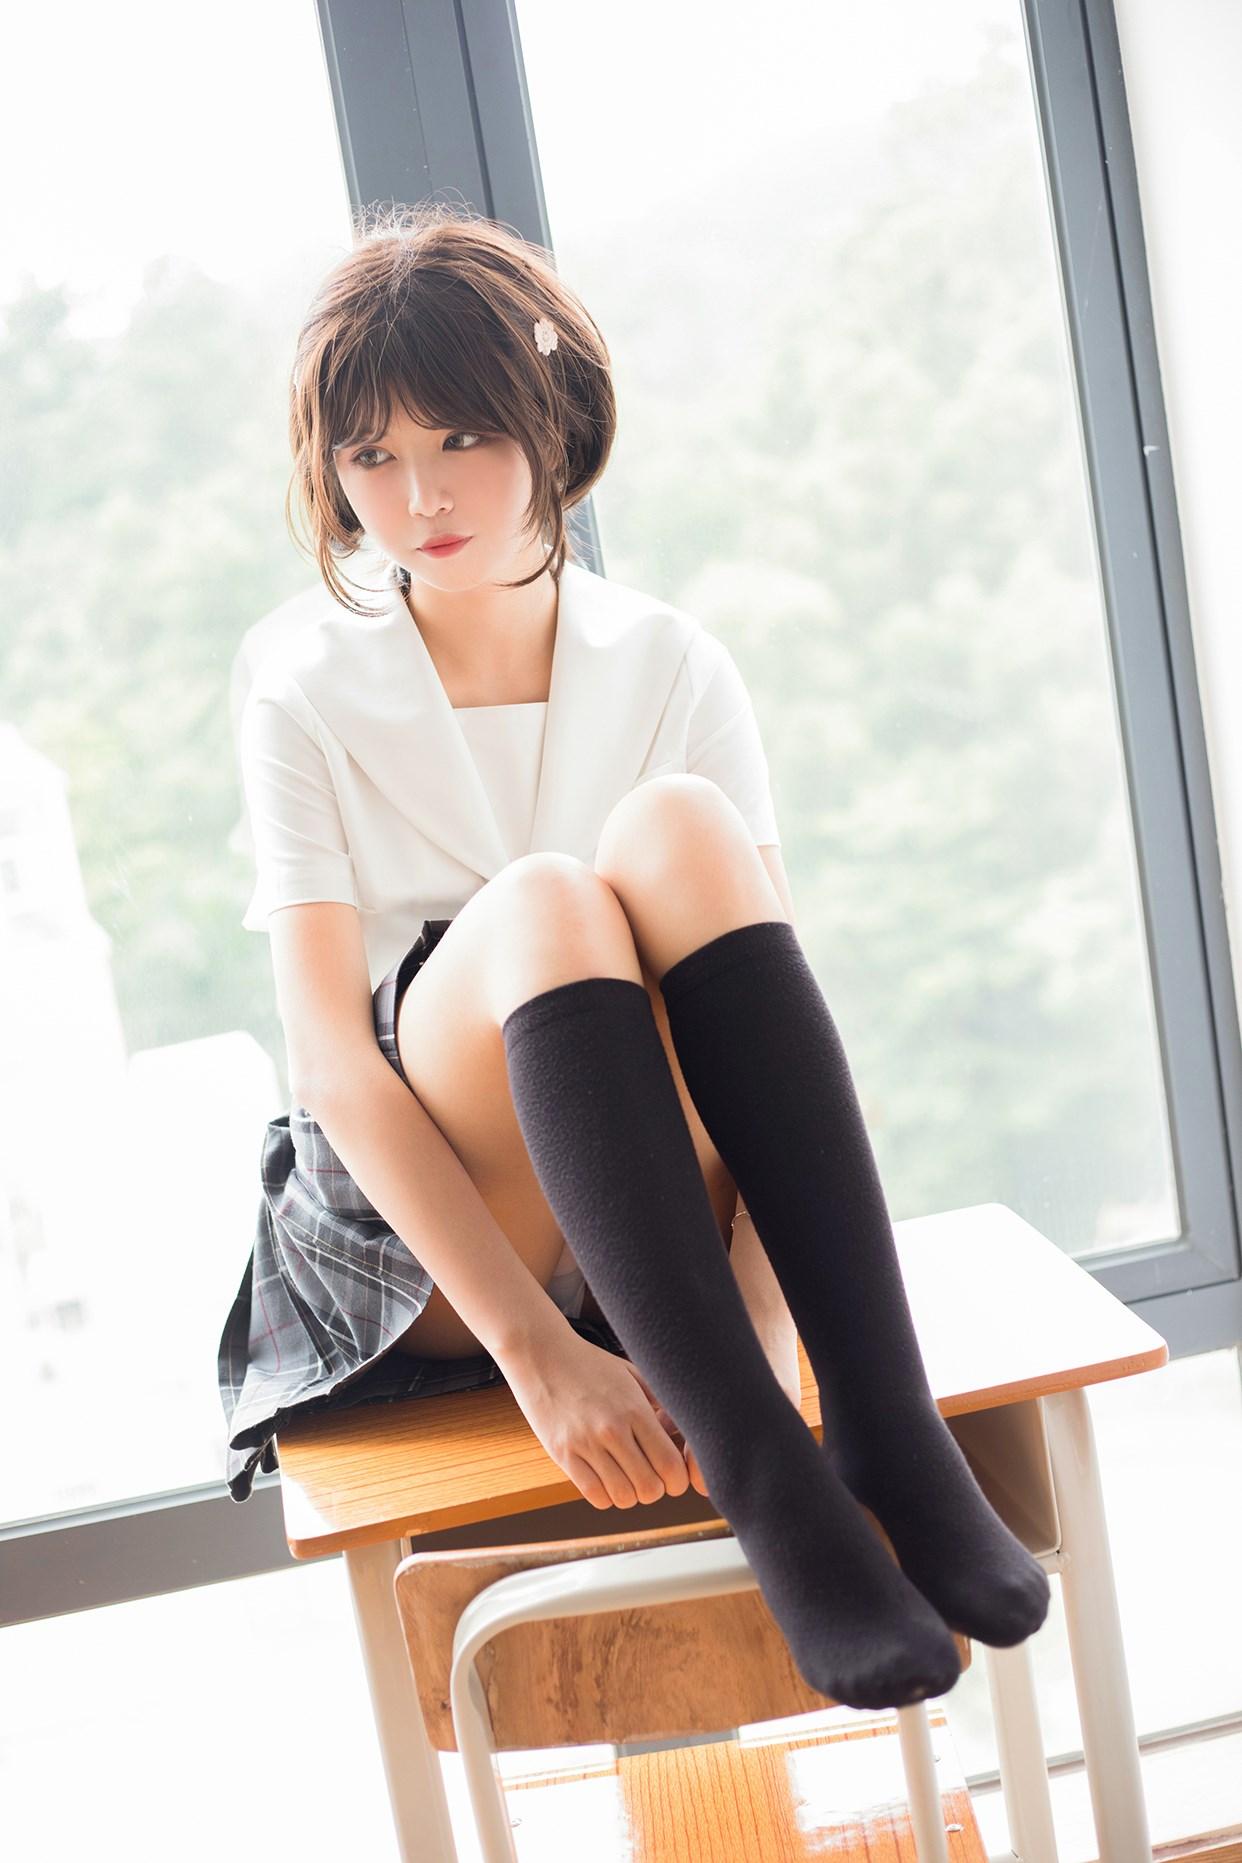 【兔玩映画】水手服少女 兔玩映画 第38张